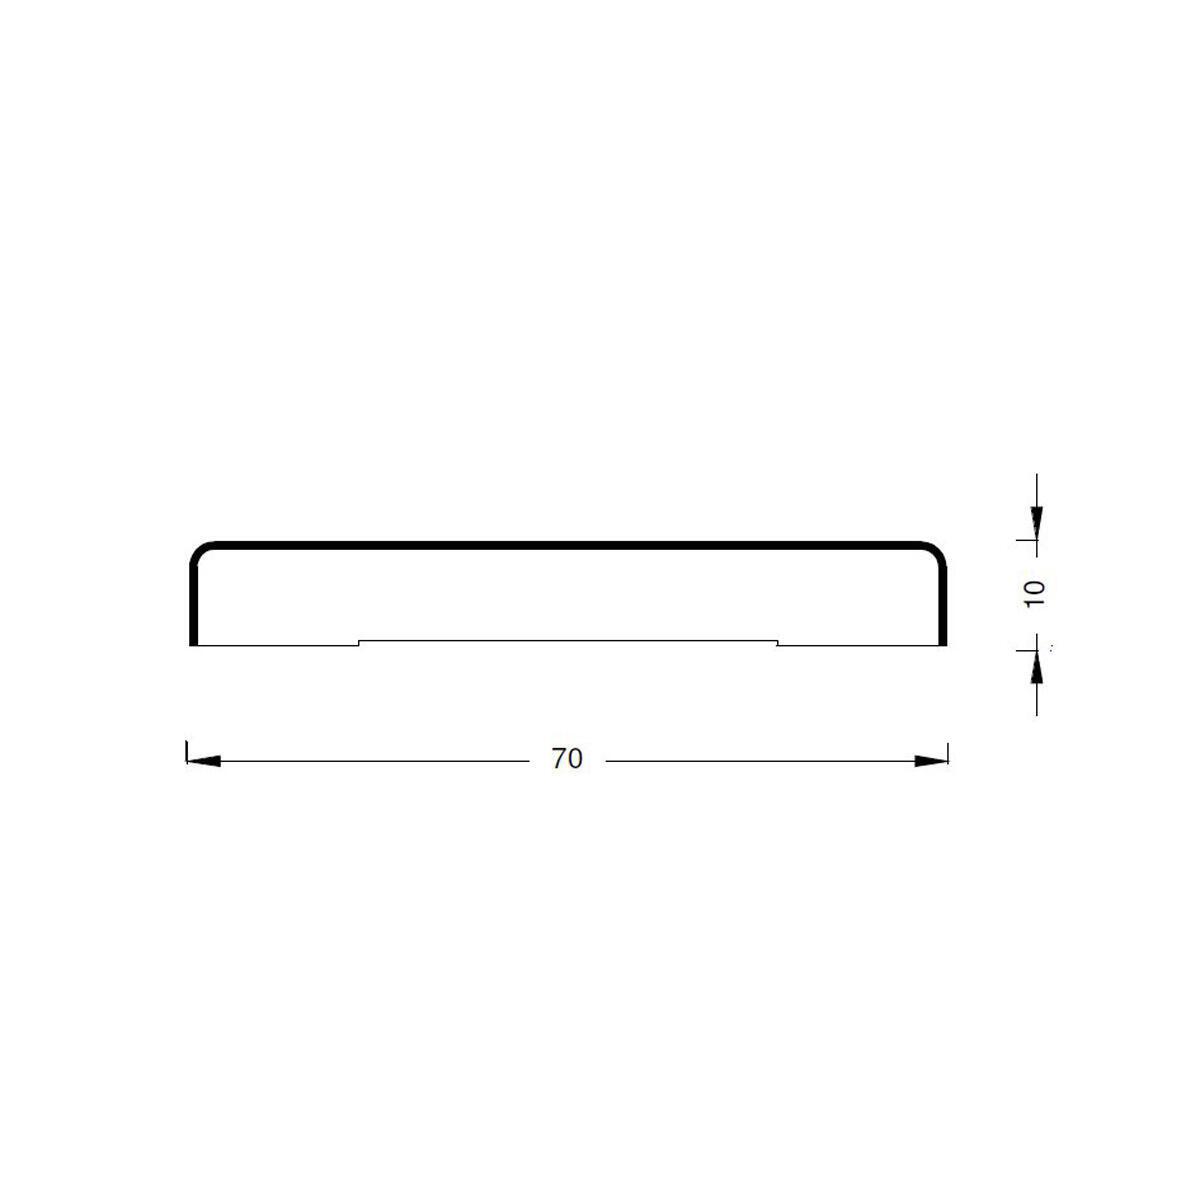 Coprifilo in legno legno massello noce scuro L 2250 x P 10 x H 70 mm - 3